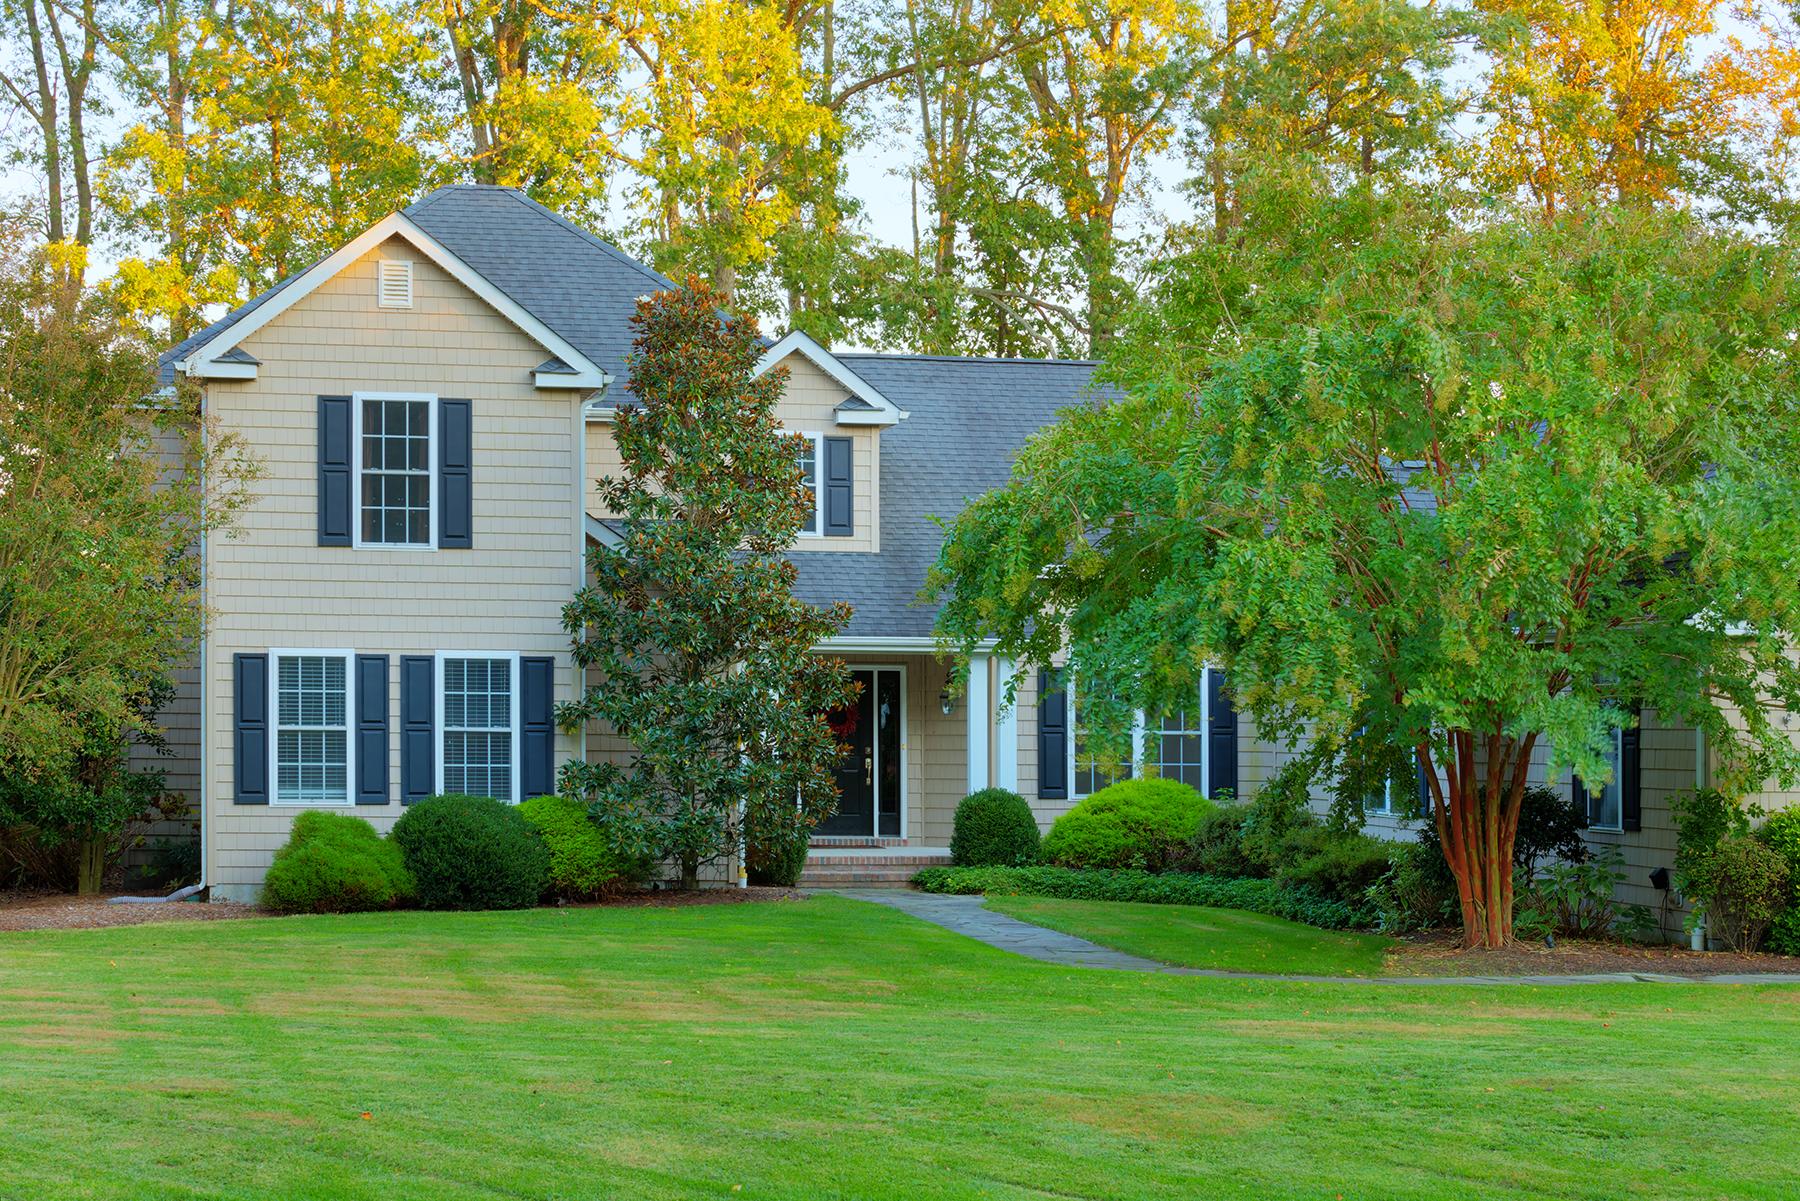 独户住宅 为 销售 在 16194 Red Fox Lane , Milton, DE 19968 16194 Red Fox Lane 米尔顿, 19968 美国